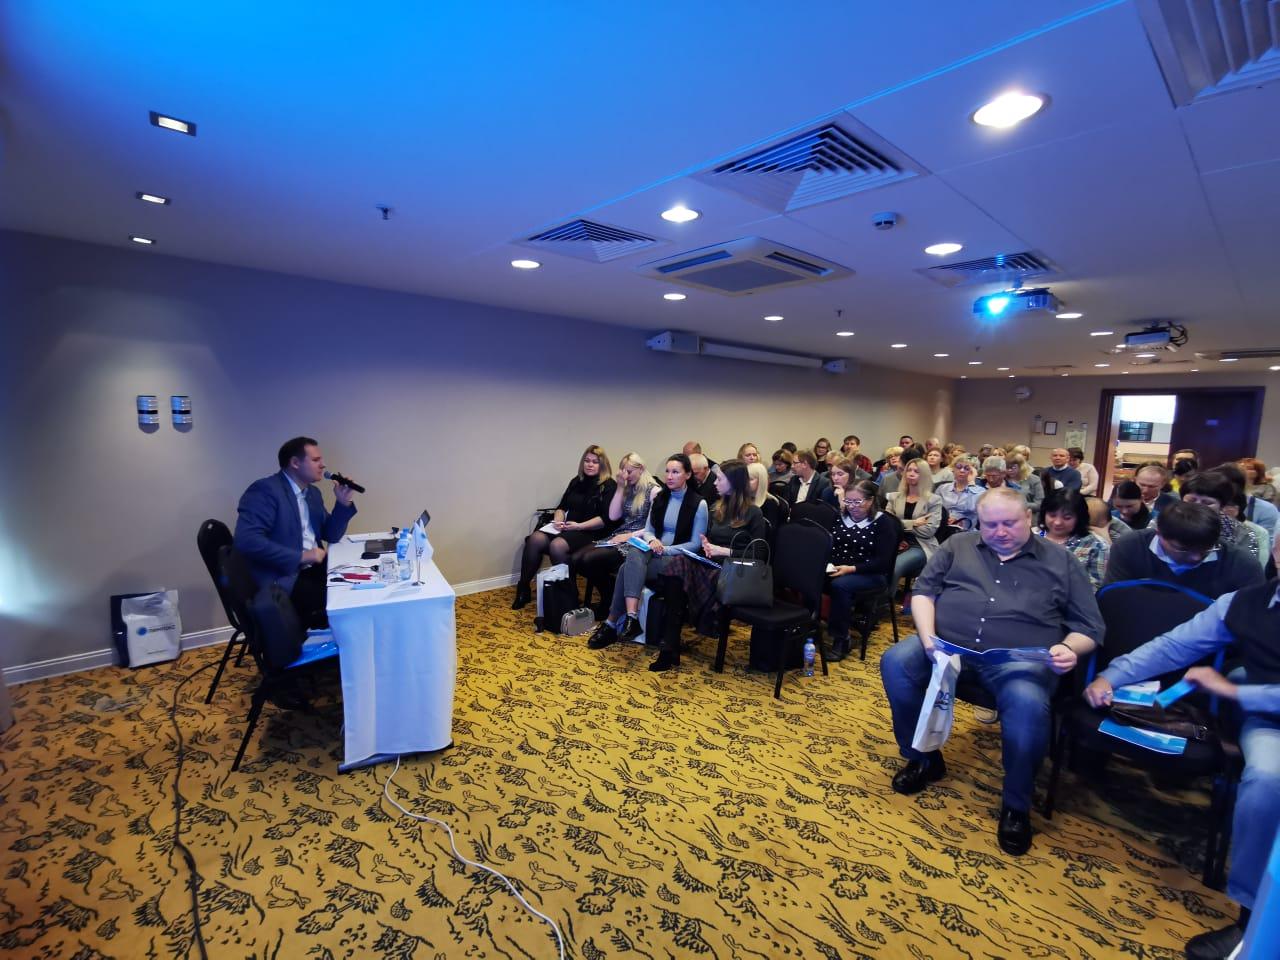 Первый заместитель руководителя КГ «ТЕРМИКА» по продажам Дмитрий Черняев выступает перед участниками семинара